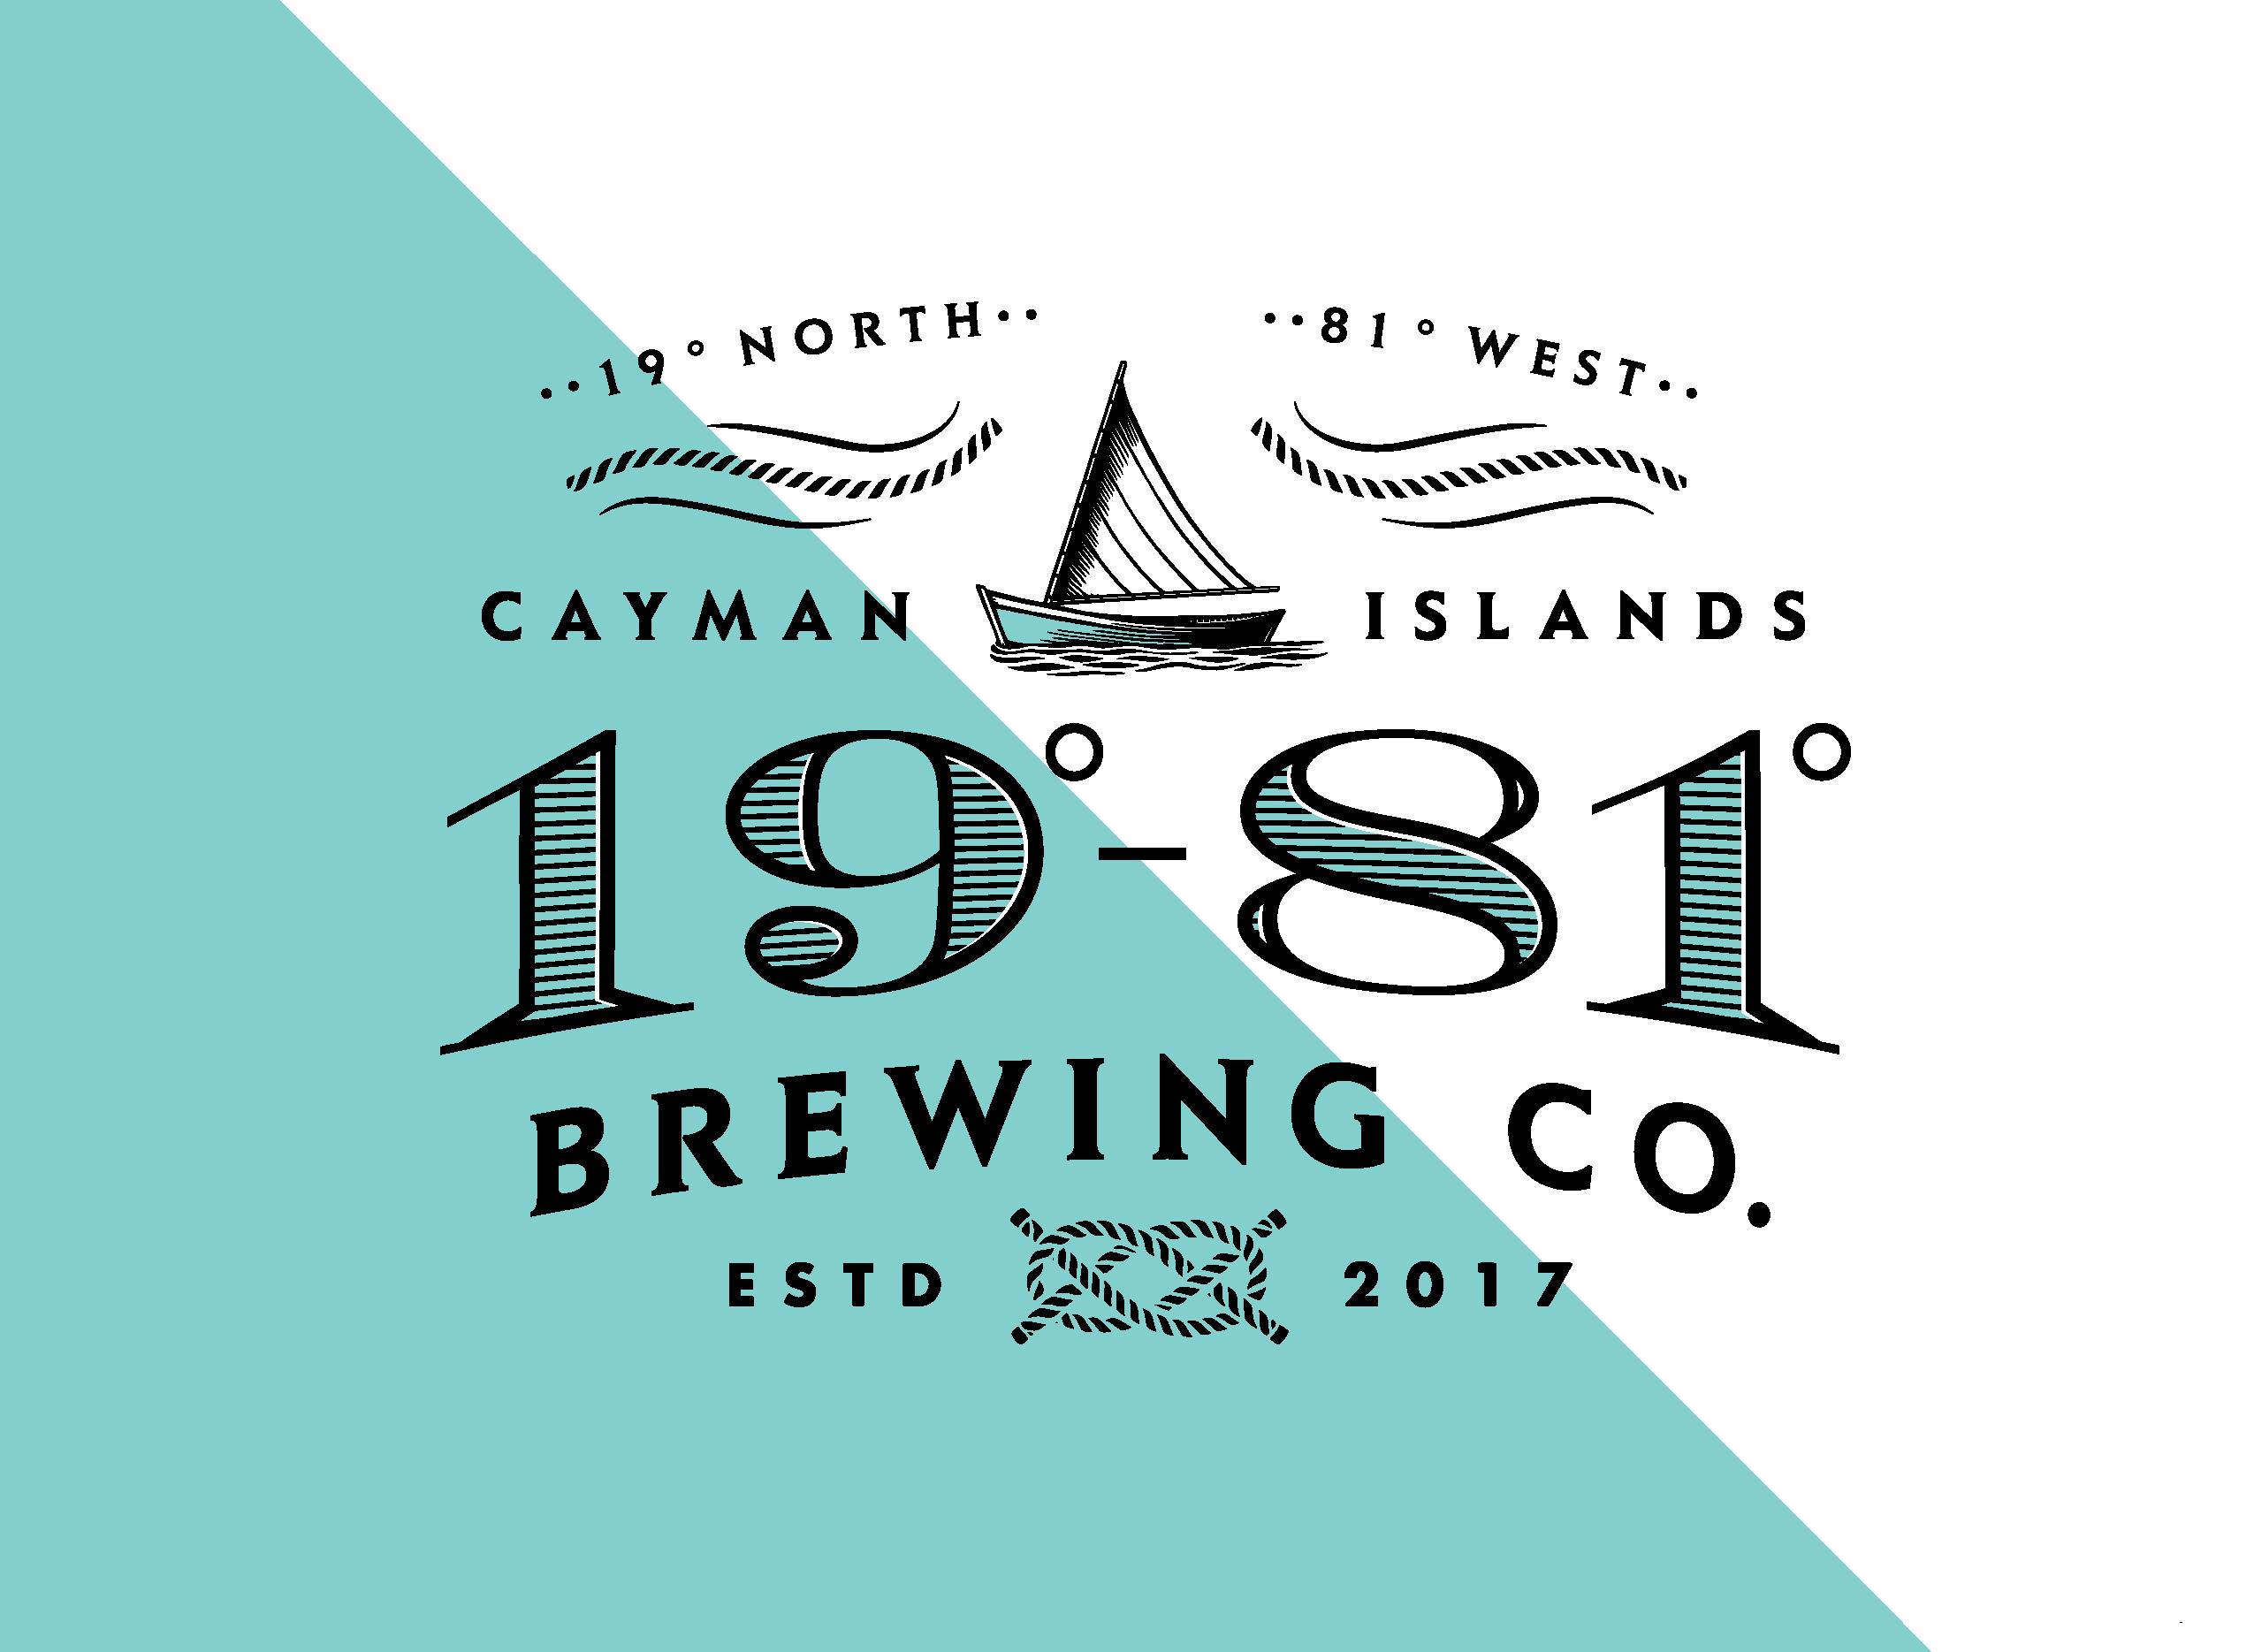 19-81 Brewing Co. logo design